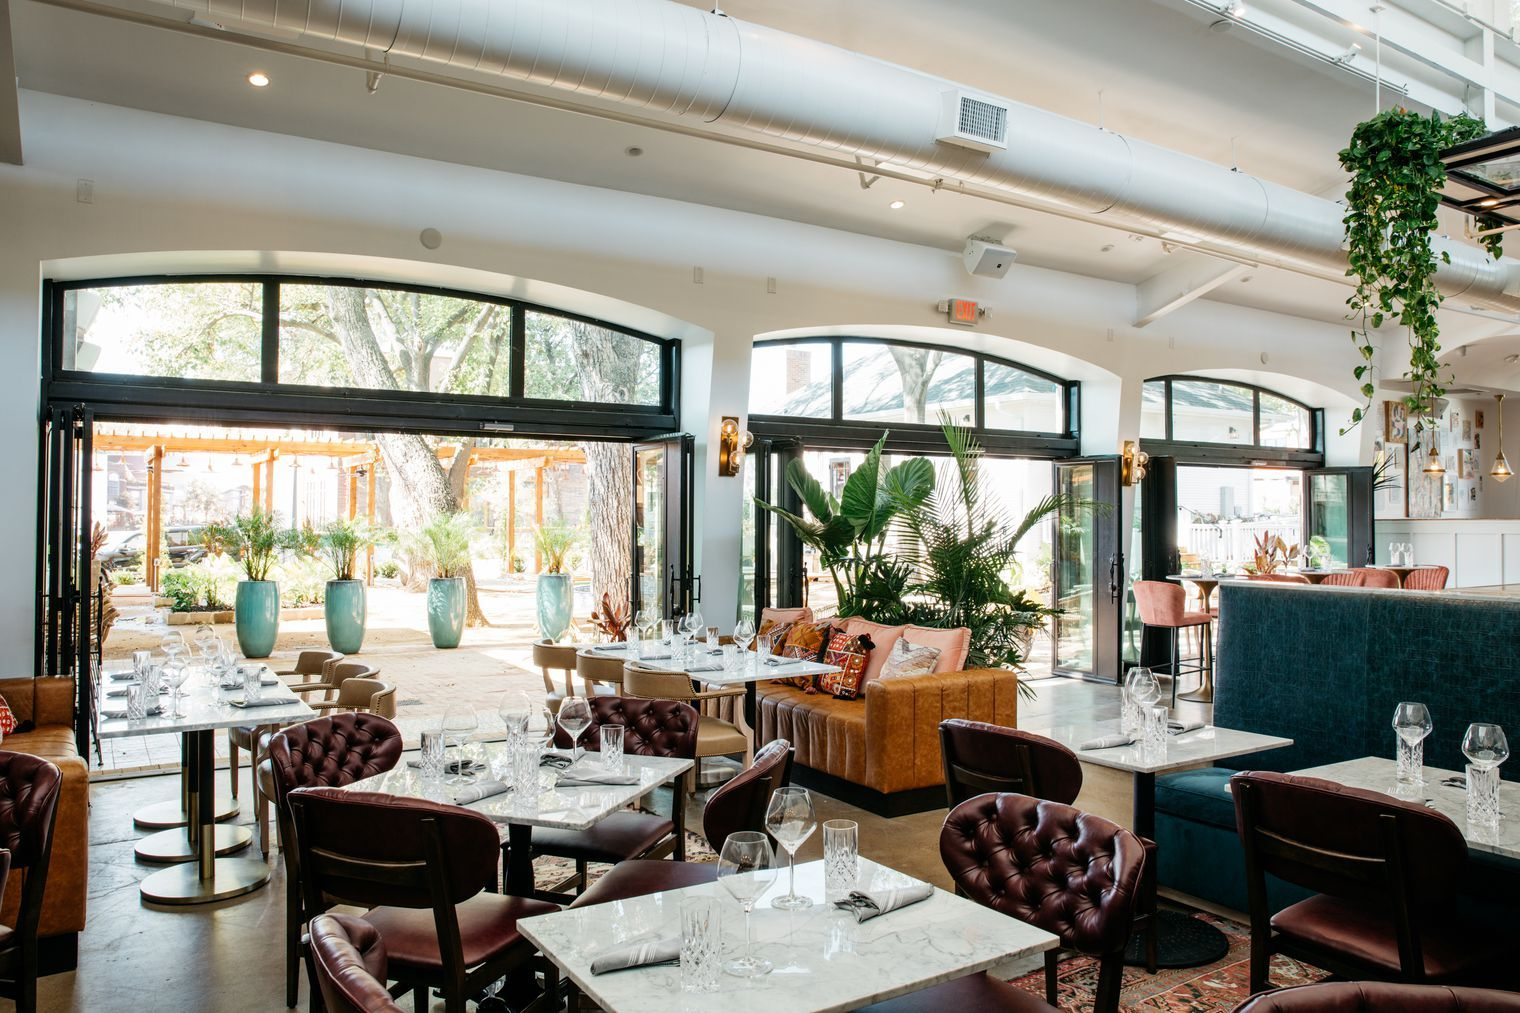 Artss newest restaurant will serve chic european